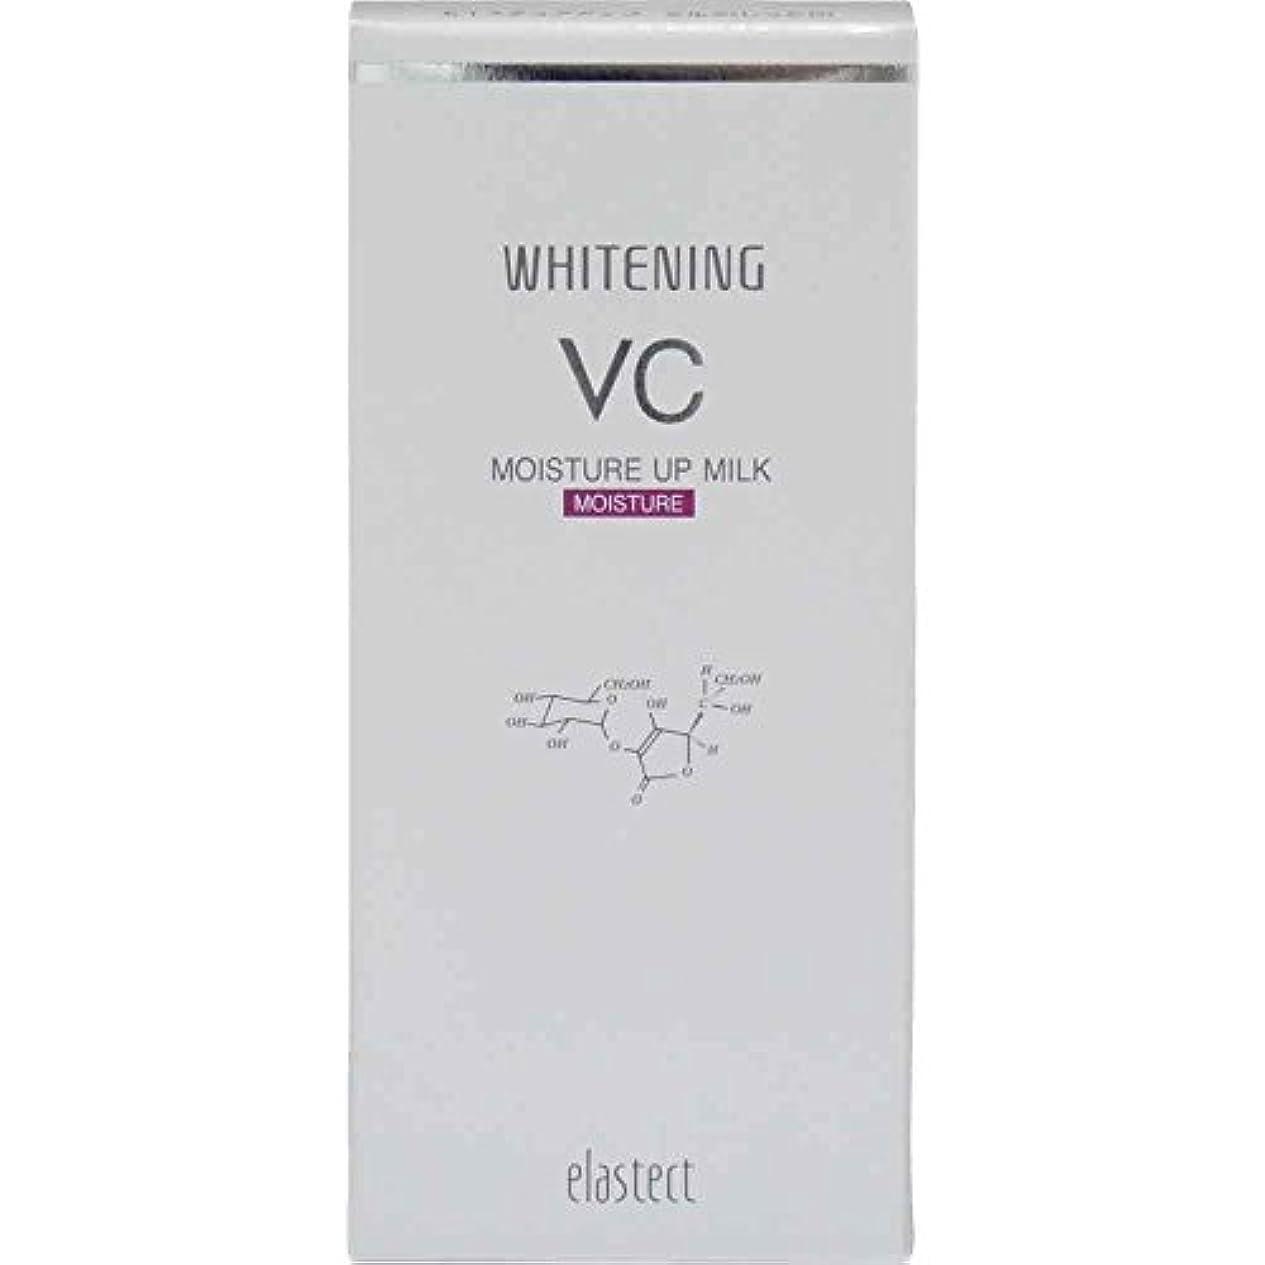 言い聞かせる解釈適度なエラステクト ホワイトニング モイスチュアアップミルクVC(M) しっとりタイプ 120mL 【医薬部外品】